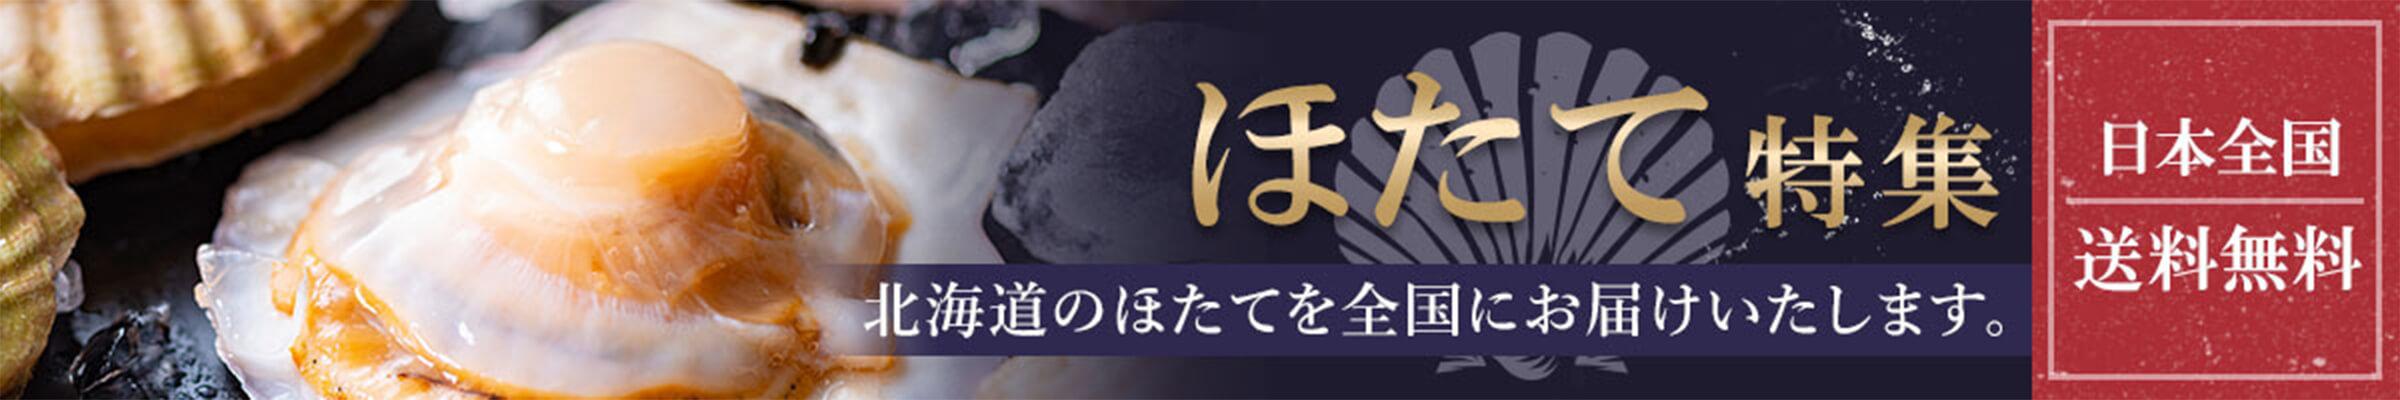 ほたて特集 北海道のほたてを全国にお届けいたします。日本全国 送料無料